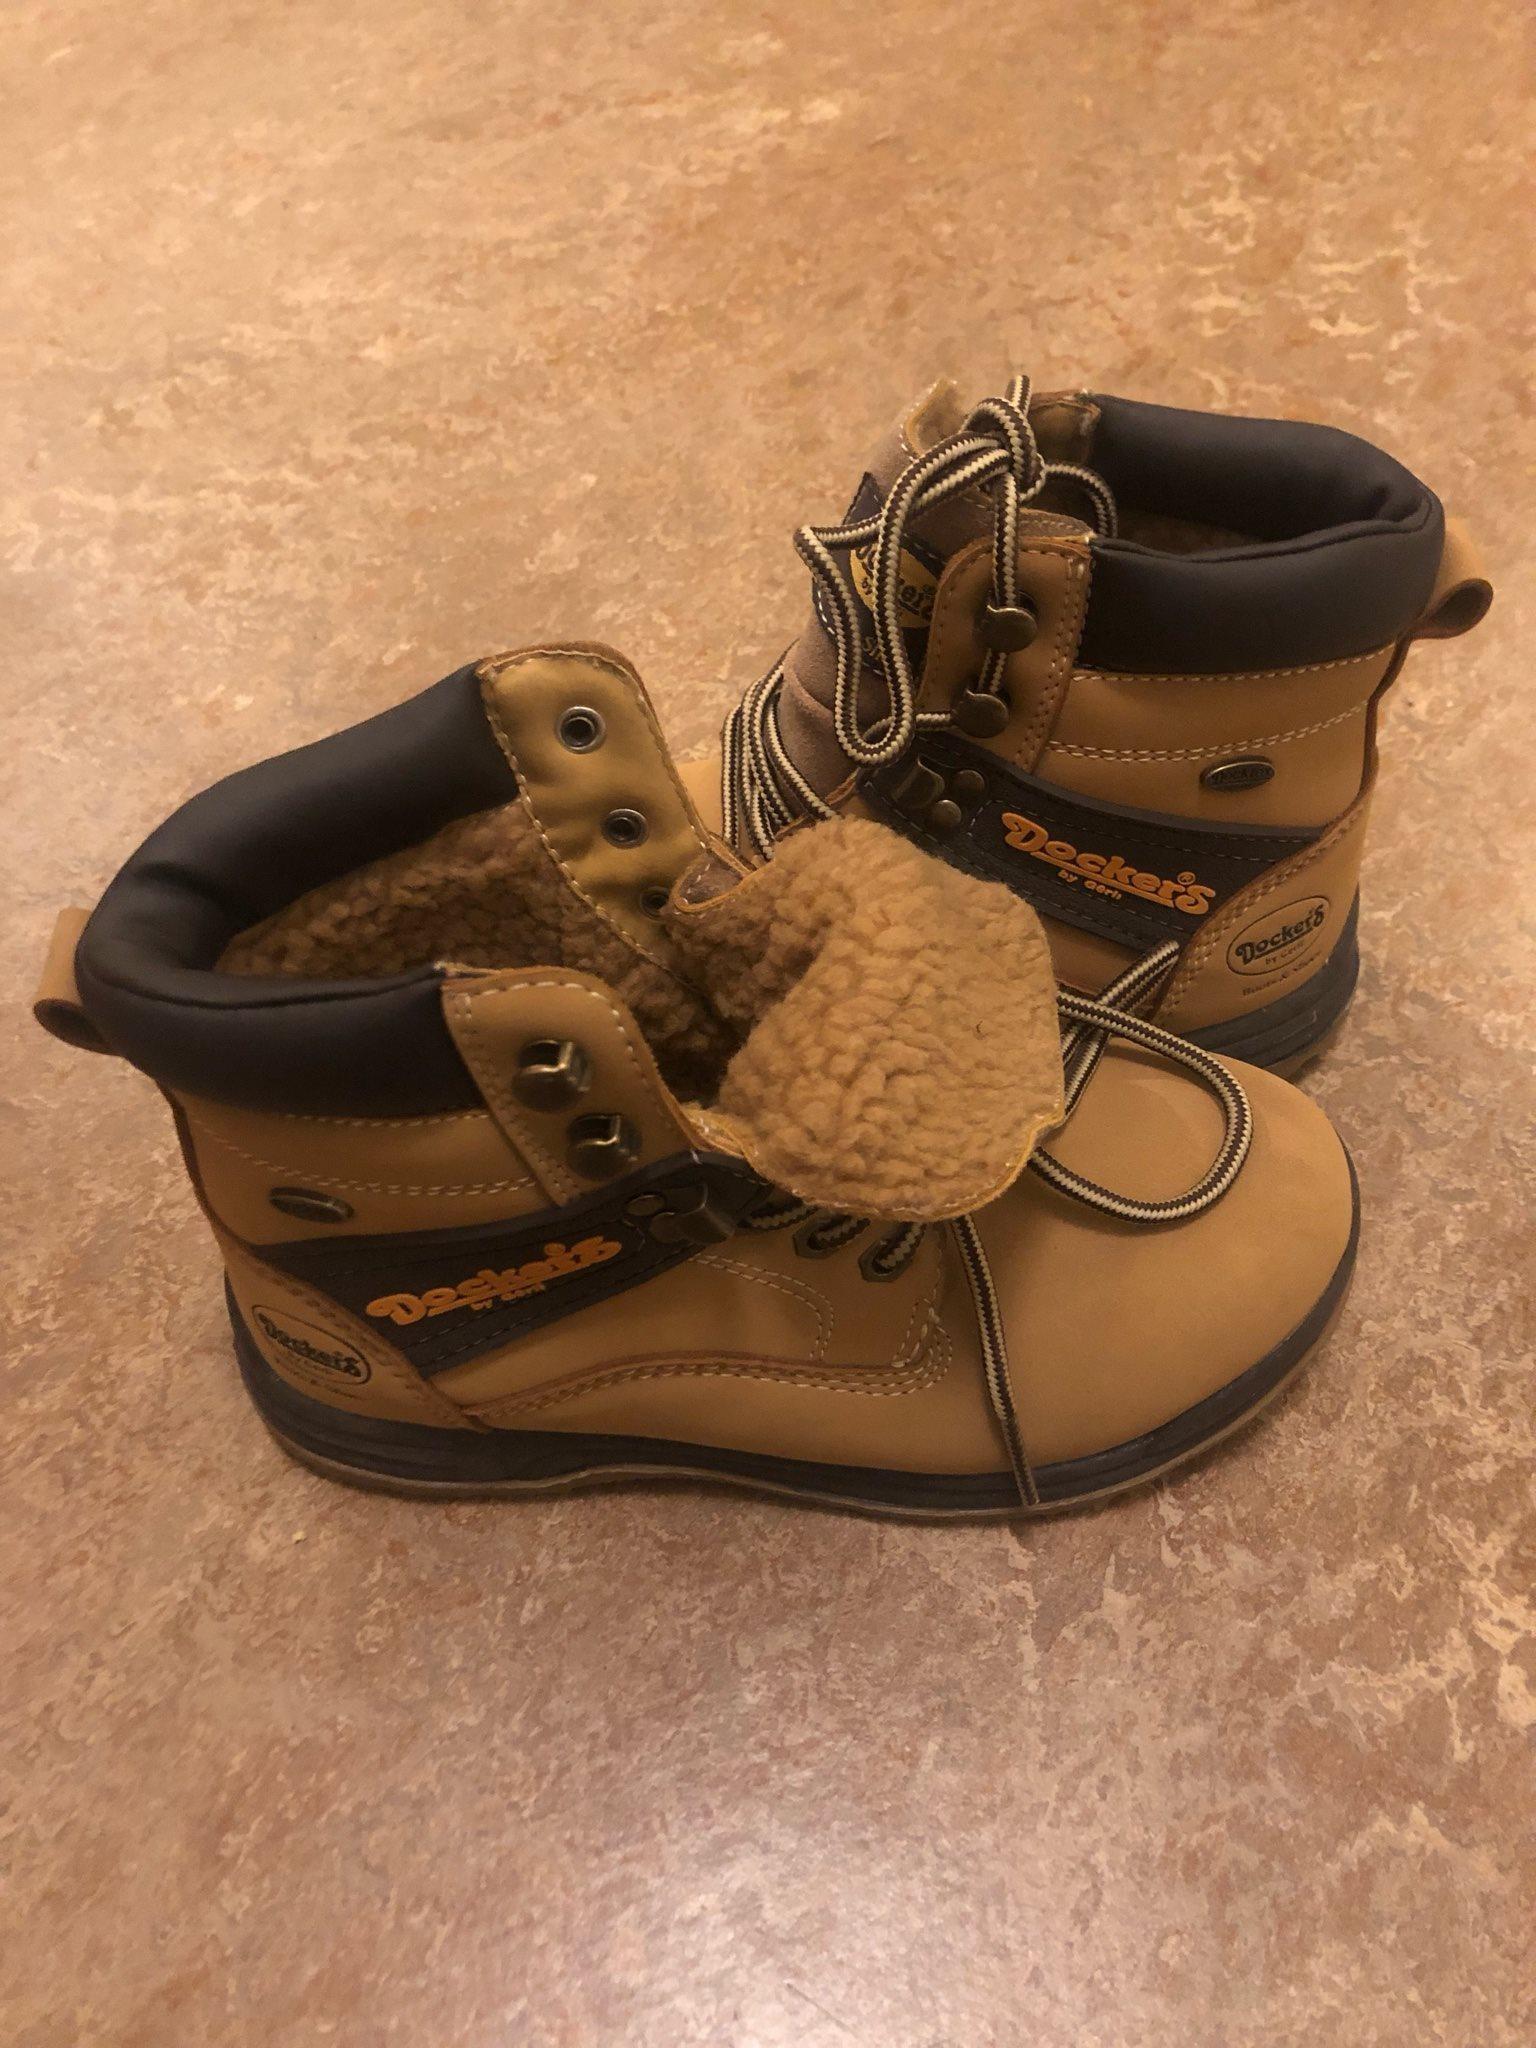 Barn skor (337330344) ᐈ Köp på Tradera 262e6a7adc5cb